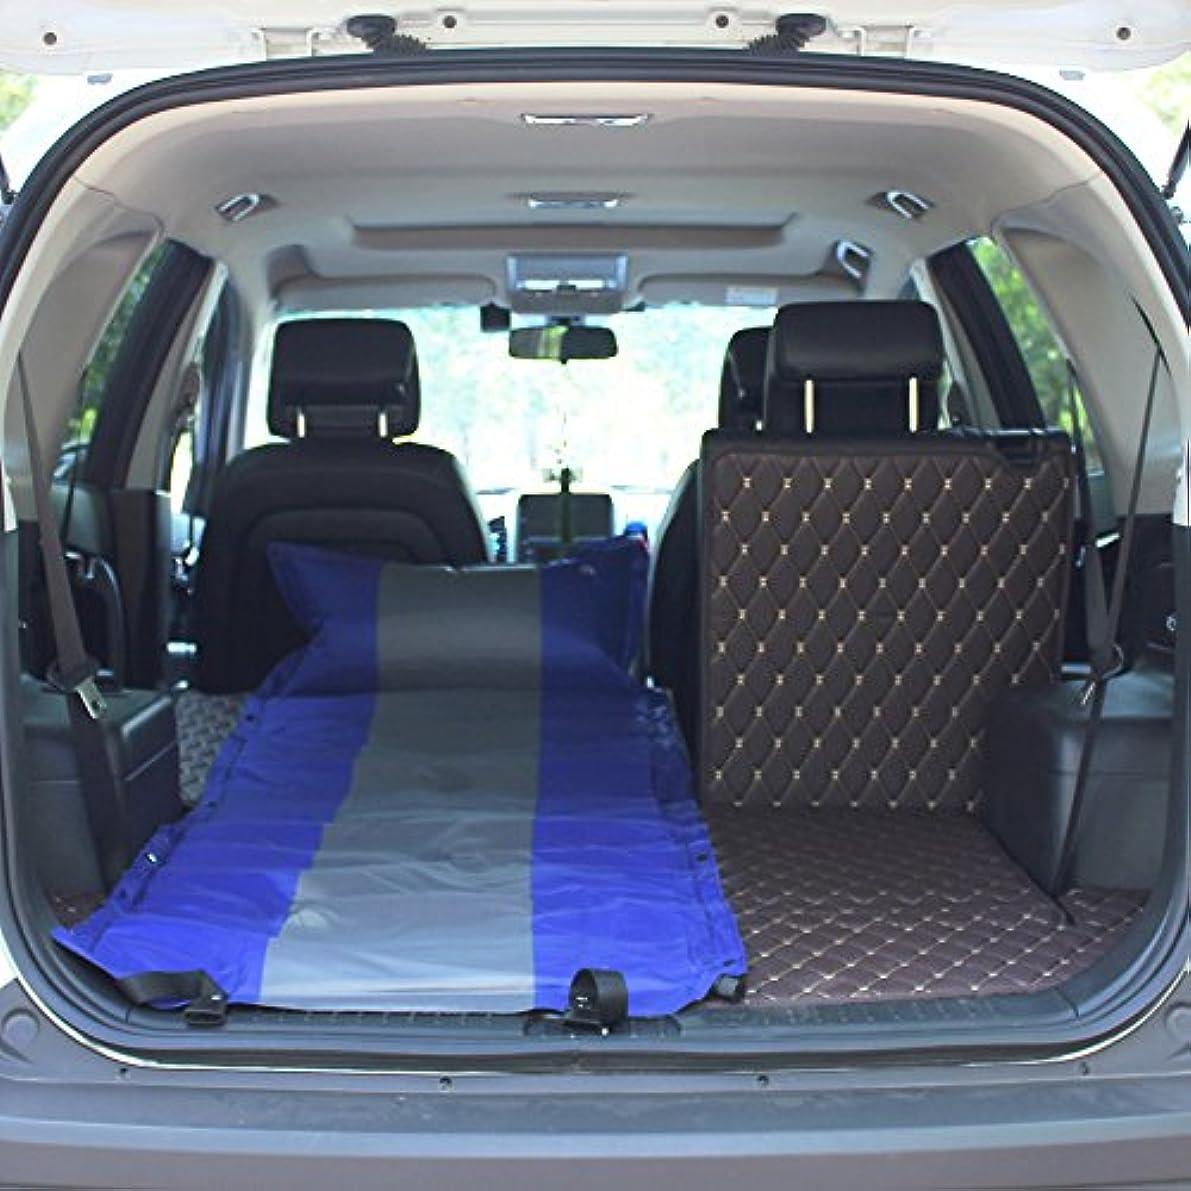 伝染病拒絶する違法YJH+ アウトドアシングルダブルSUV自動インフレータブルマットレスカーベッドインフレータブルベッドカー車のベッドショックベッドインフレータブルクッション 美しく、寛大な ( 色 : 青 , サイズ さいず : A )